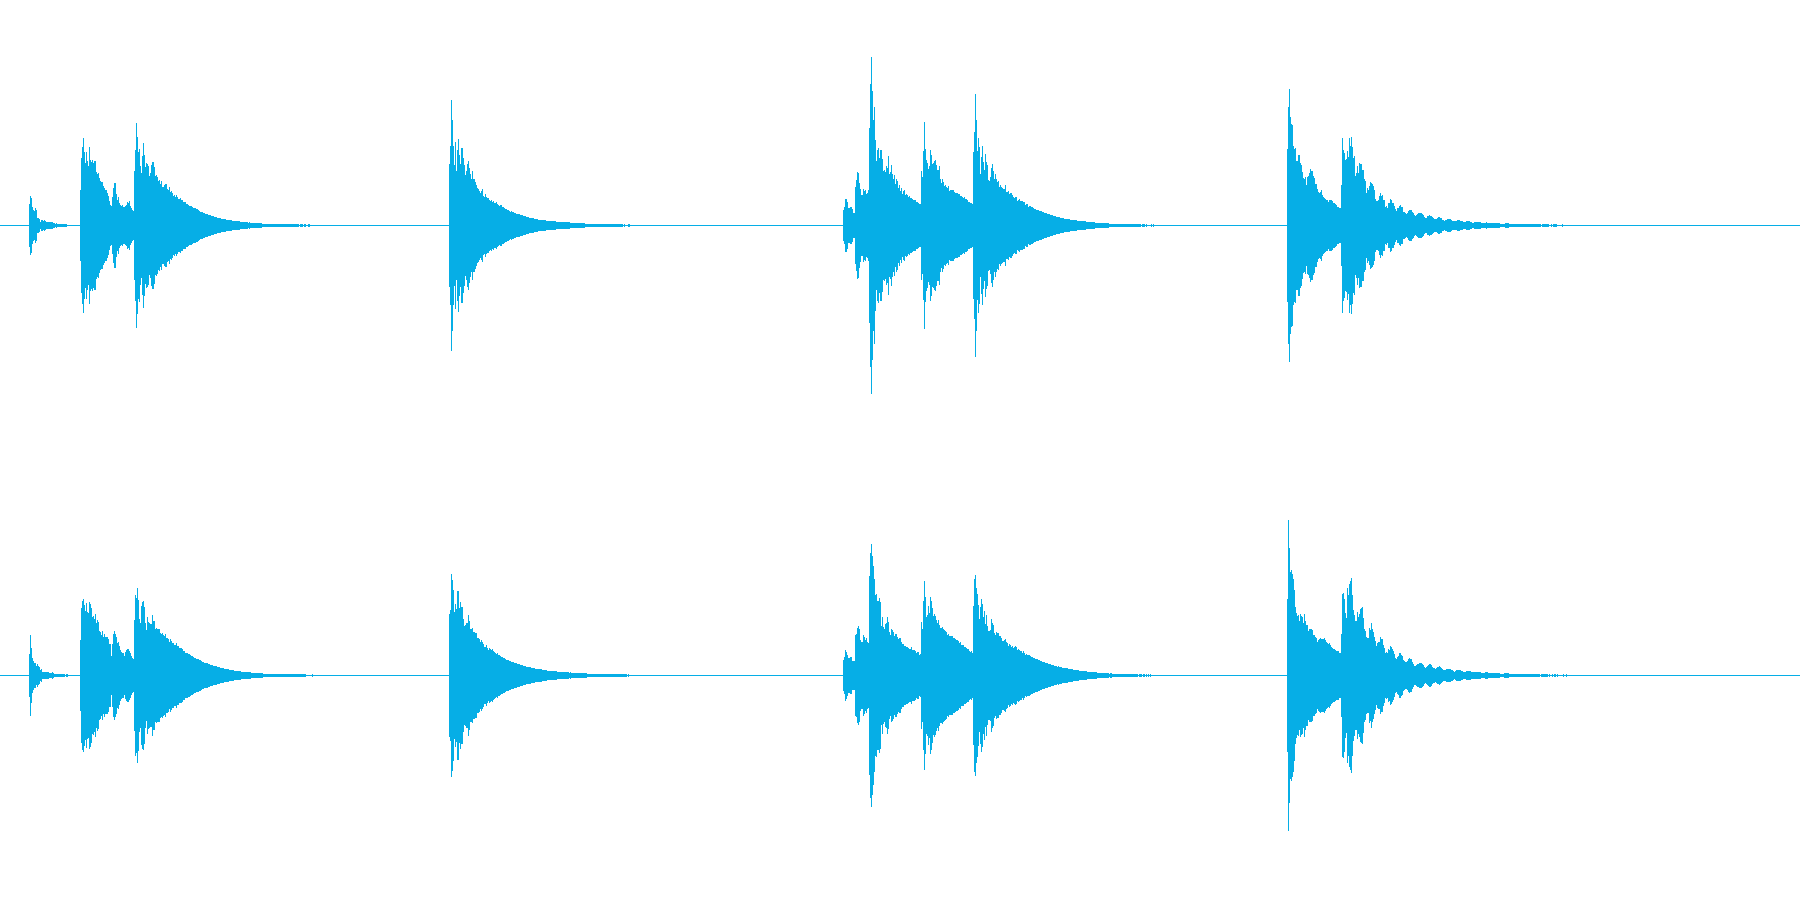 土着的トーキングドラムのフレーズ音の再生済みの波形